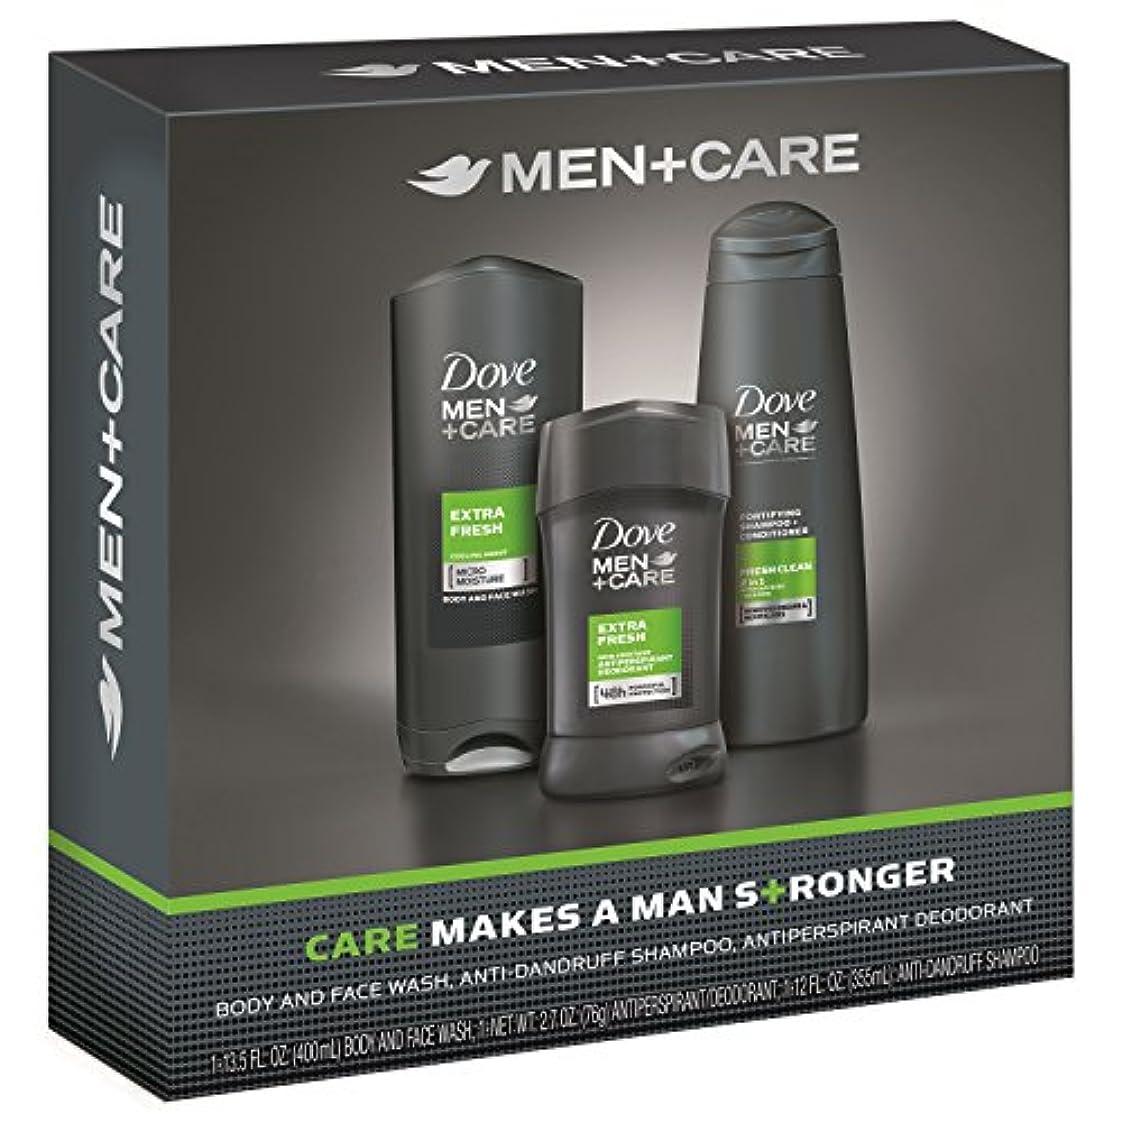 潜在的なモンゴメリーとらえどころのないDove Men+Care Gift Pack Extra Fresh ダブ メンプラスケア ギフトパック エクストラフレッシュ